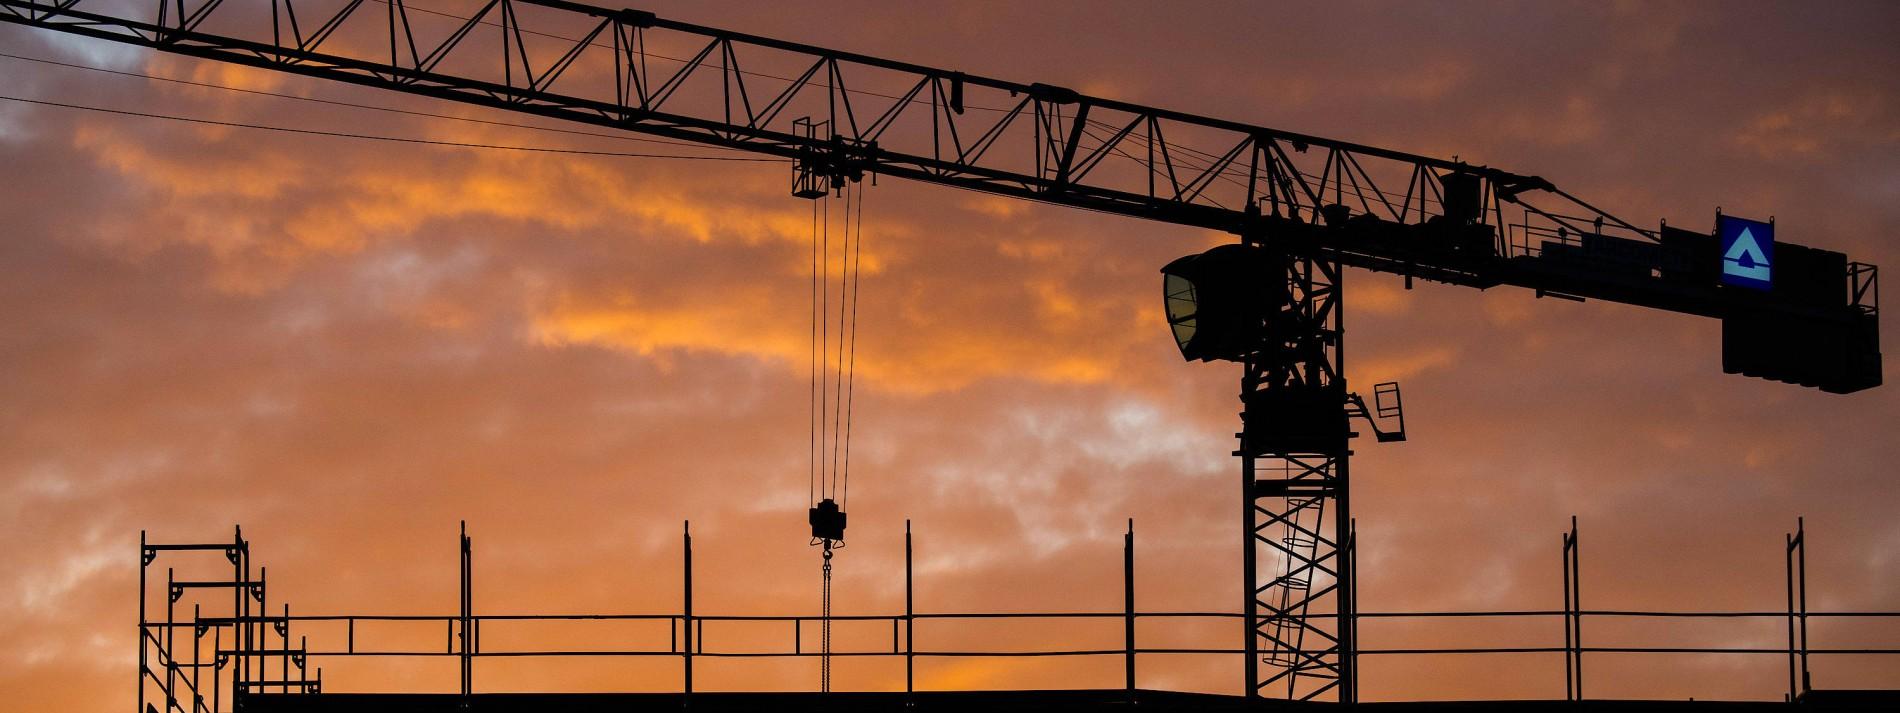 Etwa 12.400 Arbeitsplätze weniger in Rhein-Main erwartet